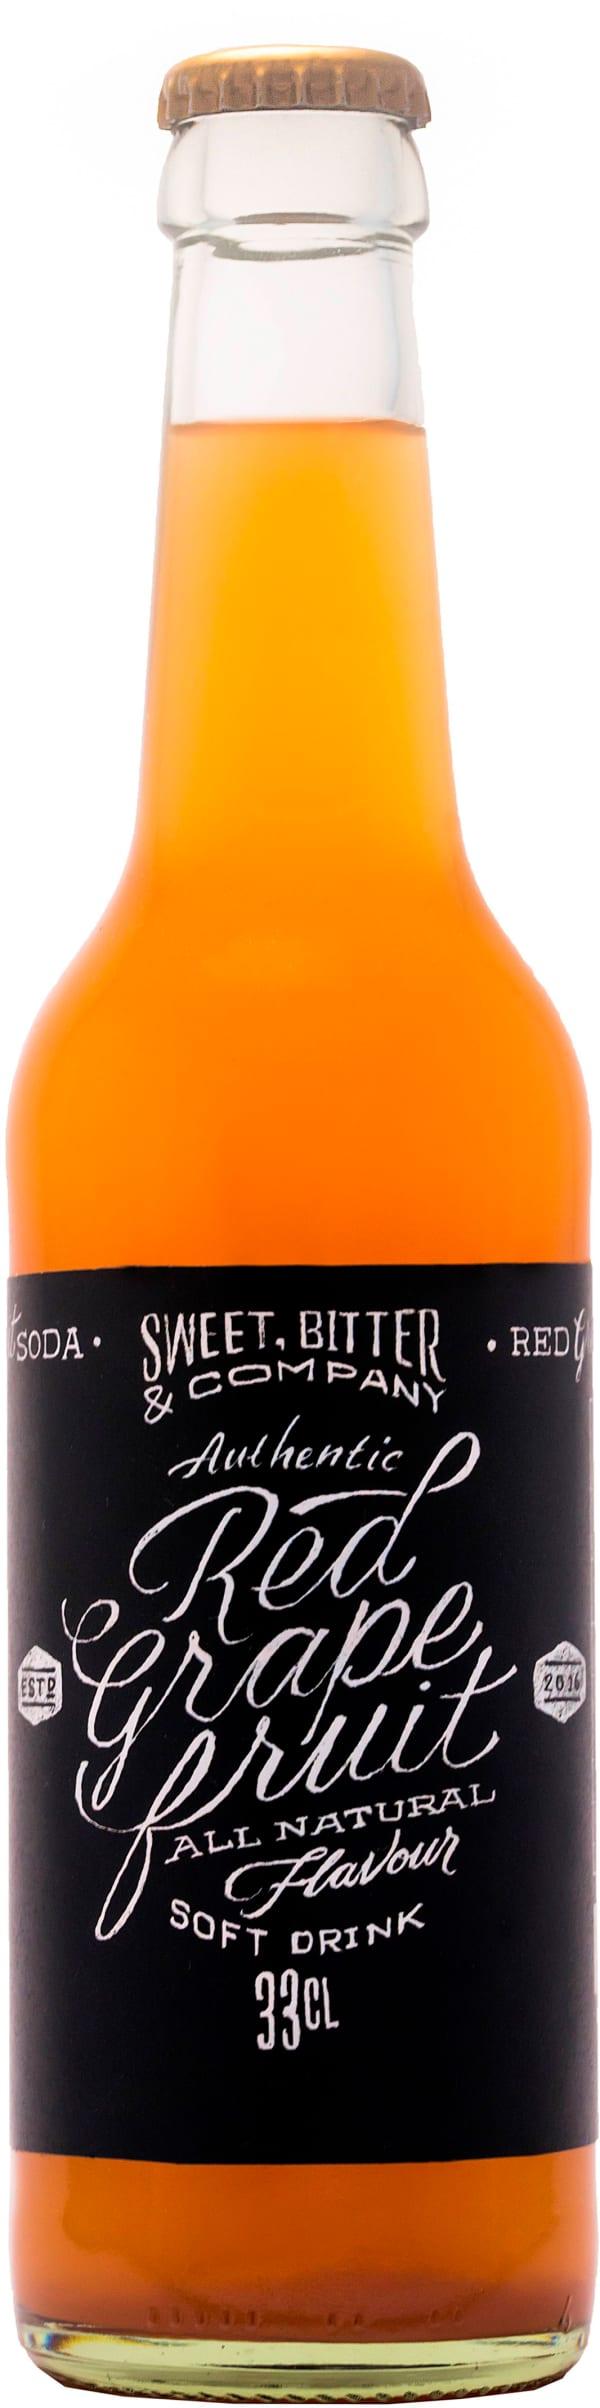 Sweet, Bitter & Co Red Grapefruit Soda